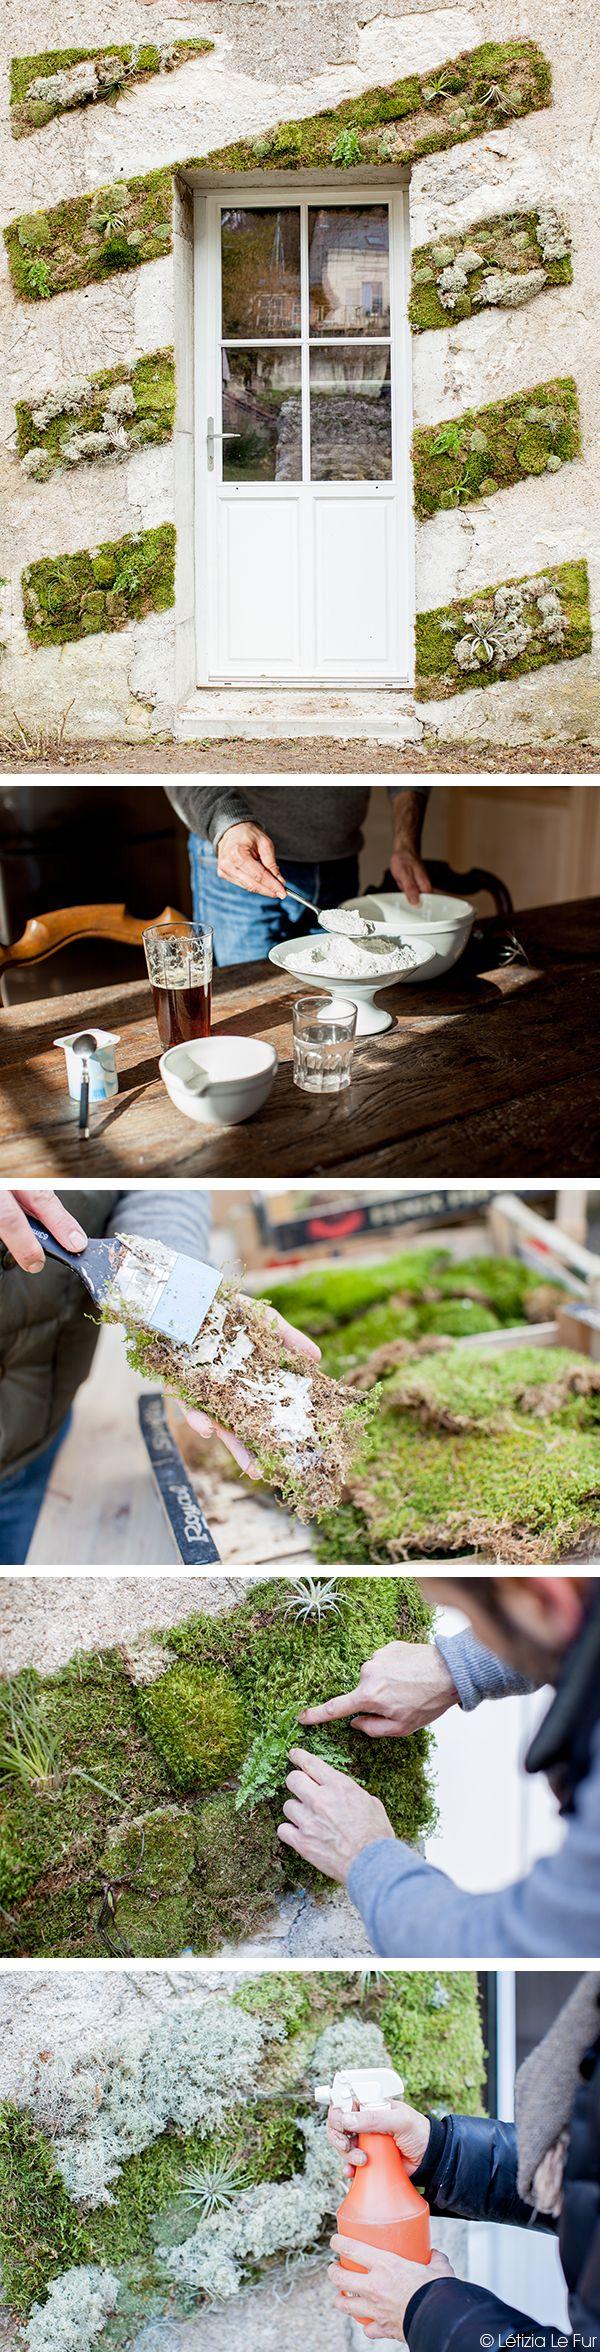 Les fournitures  : Mousse des bois sous formede plaque et de boule : 3 cagettes Tillandsia et lichen gris  La préparation de la colle (pour environ 1m2): 1,7kg de farine, 5 bières de 33cl,  600ml d'eau,  2 yaourts,  150g de sucre en poudre  Le matériel : Une casserole usagée, une spatule  Préparation :  Dans la casserole, sur feu doux, mélangez, dans l'ordre, la farine, les bières, l'eau, les yaourts et le sucre. Continuez de remuer la préparation jusqu'à obtenir un mélange homogène…